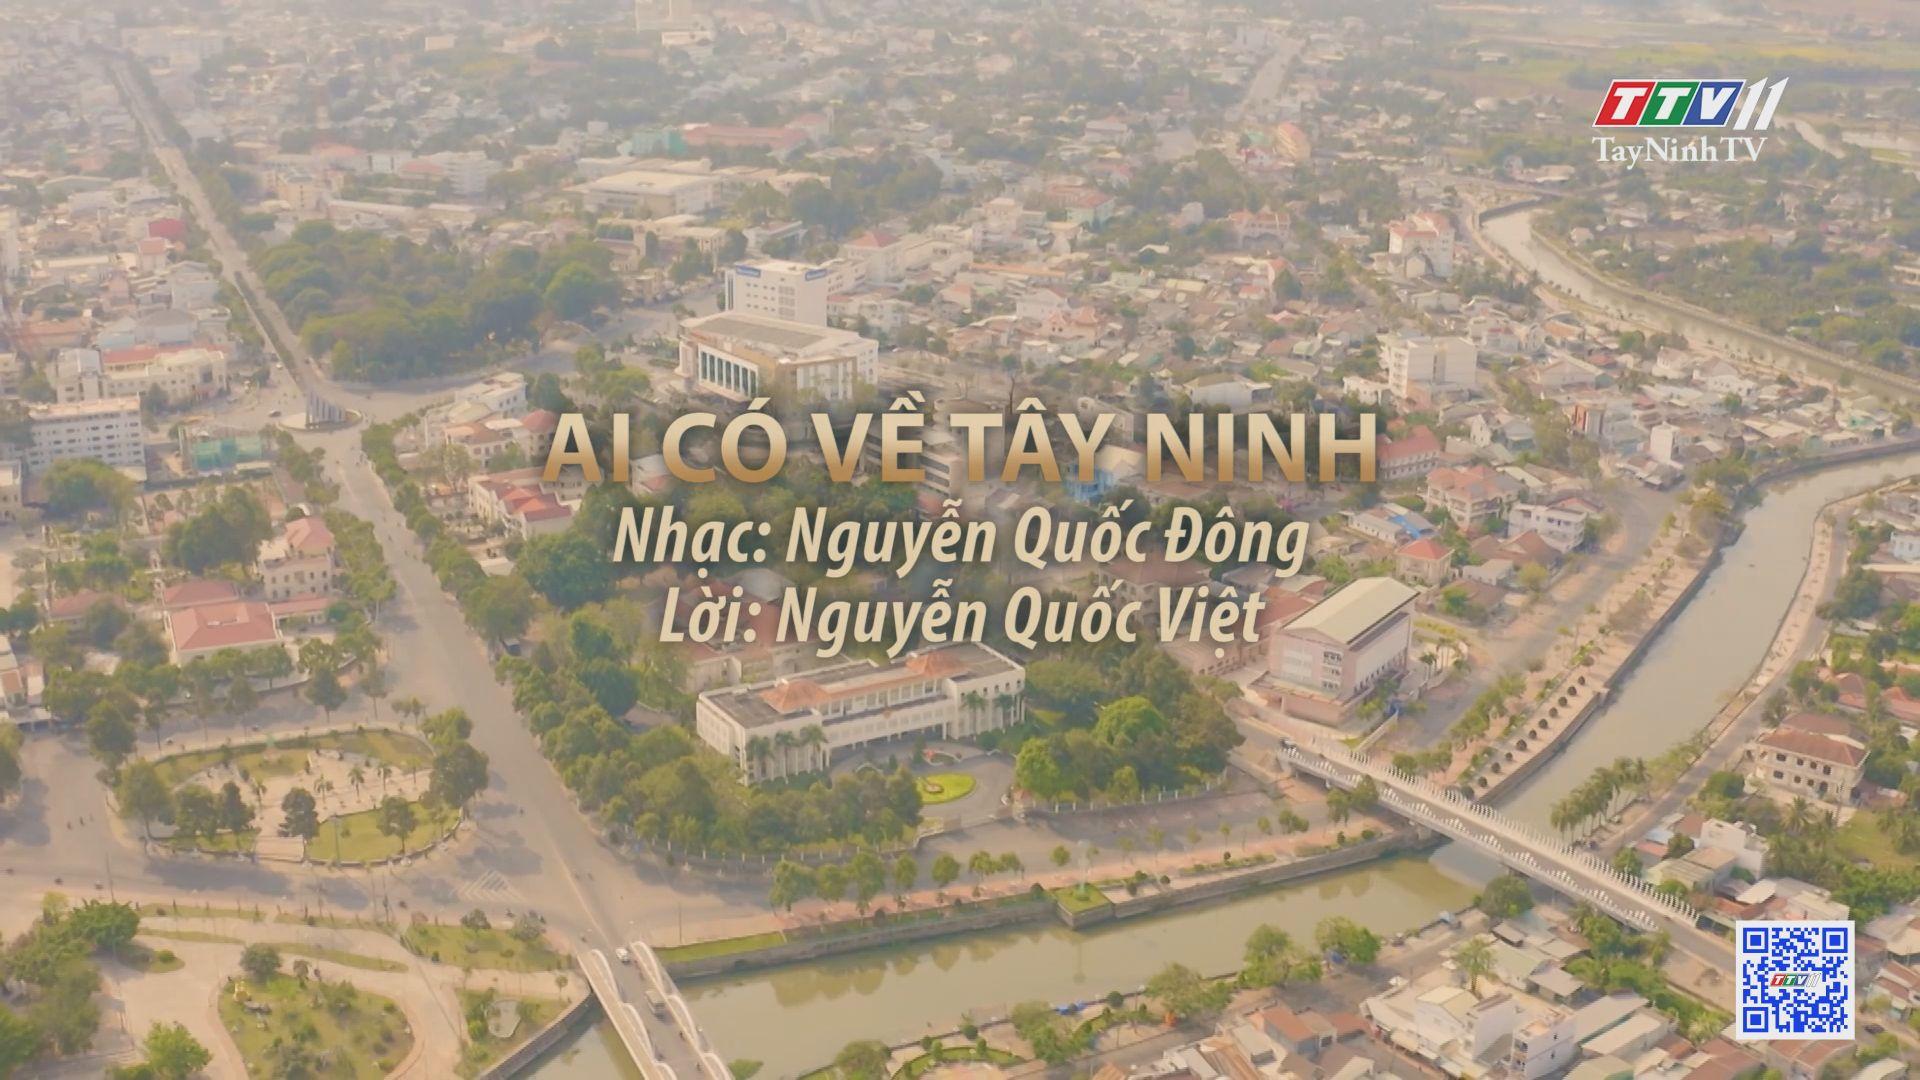 Ai có về Tây Ninh | Tuyển tập karaoke Tây Ninh tình yêu trong tôi-TRAILER | TayNinhTV